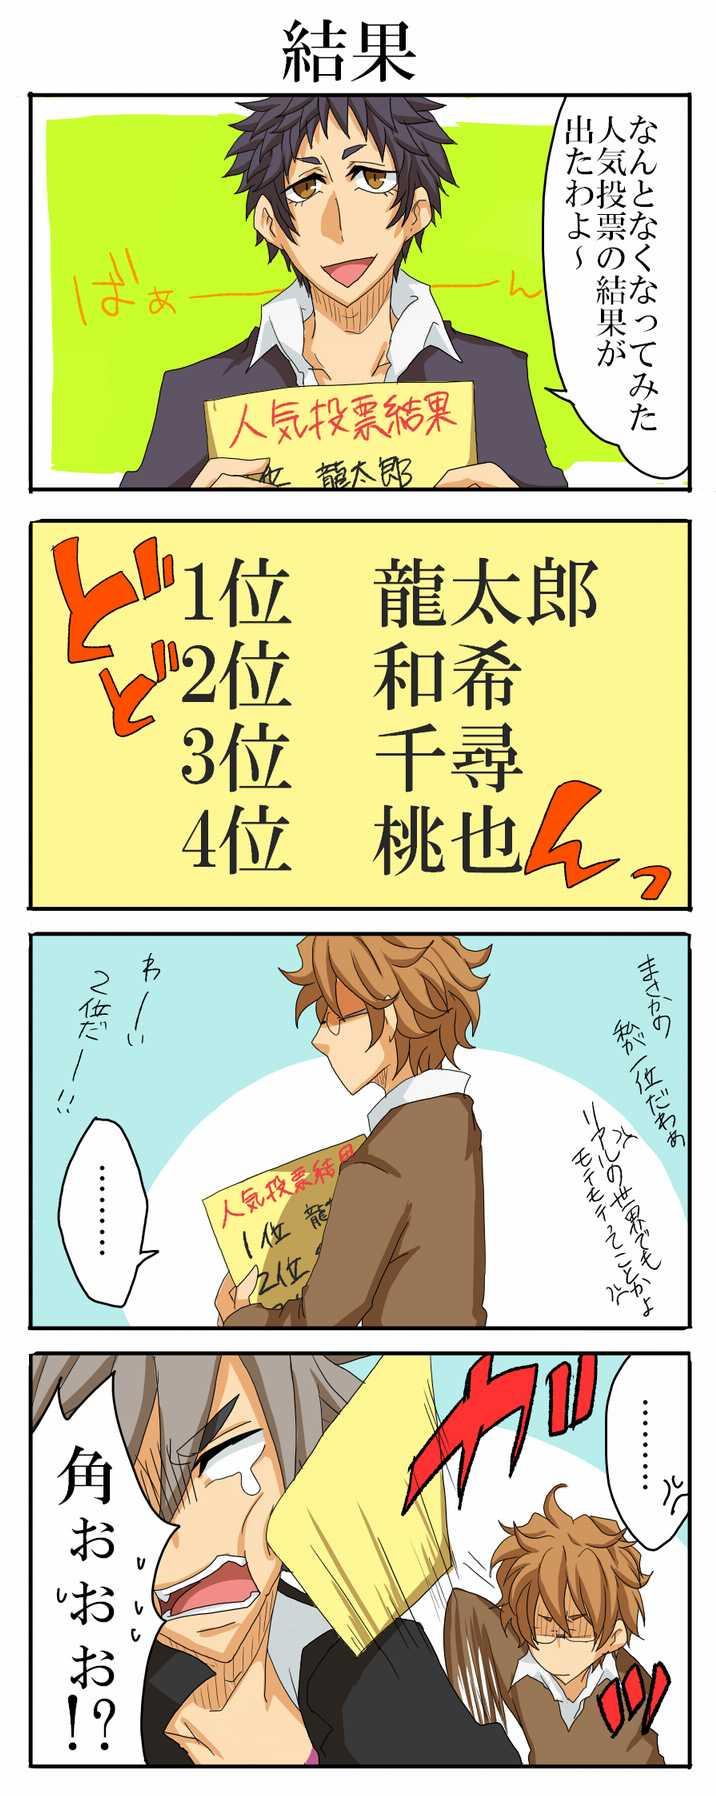 #7 桃也くんと。